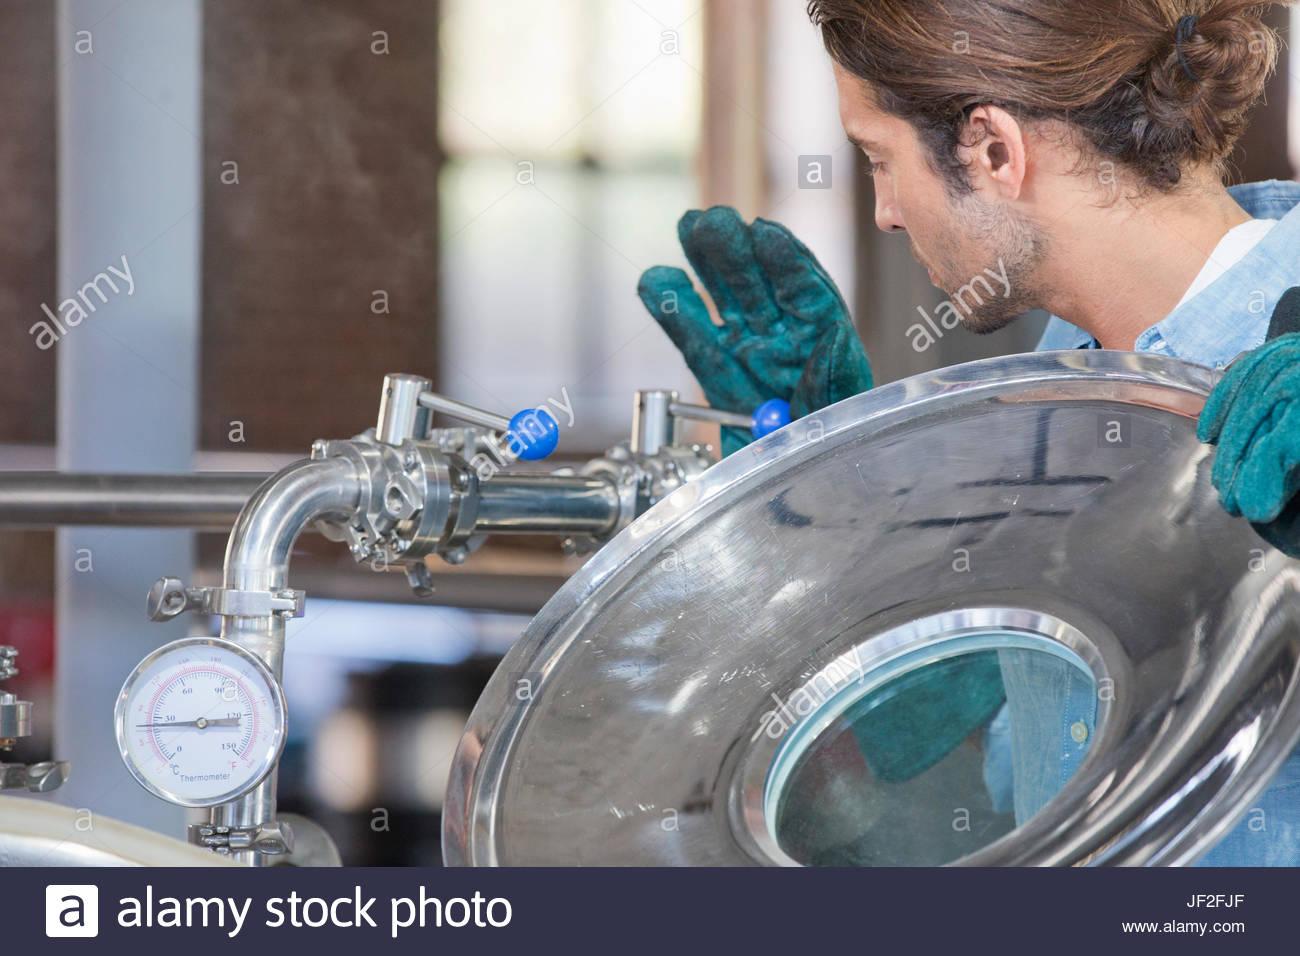 Männliche Brauerei Worker Fermentationsprozess In Stahl Mehrwertsteuer überprüfen Stockbild